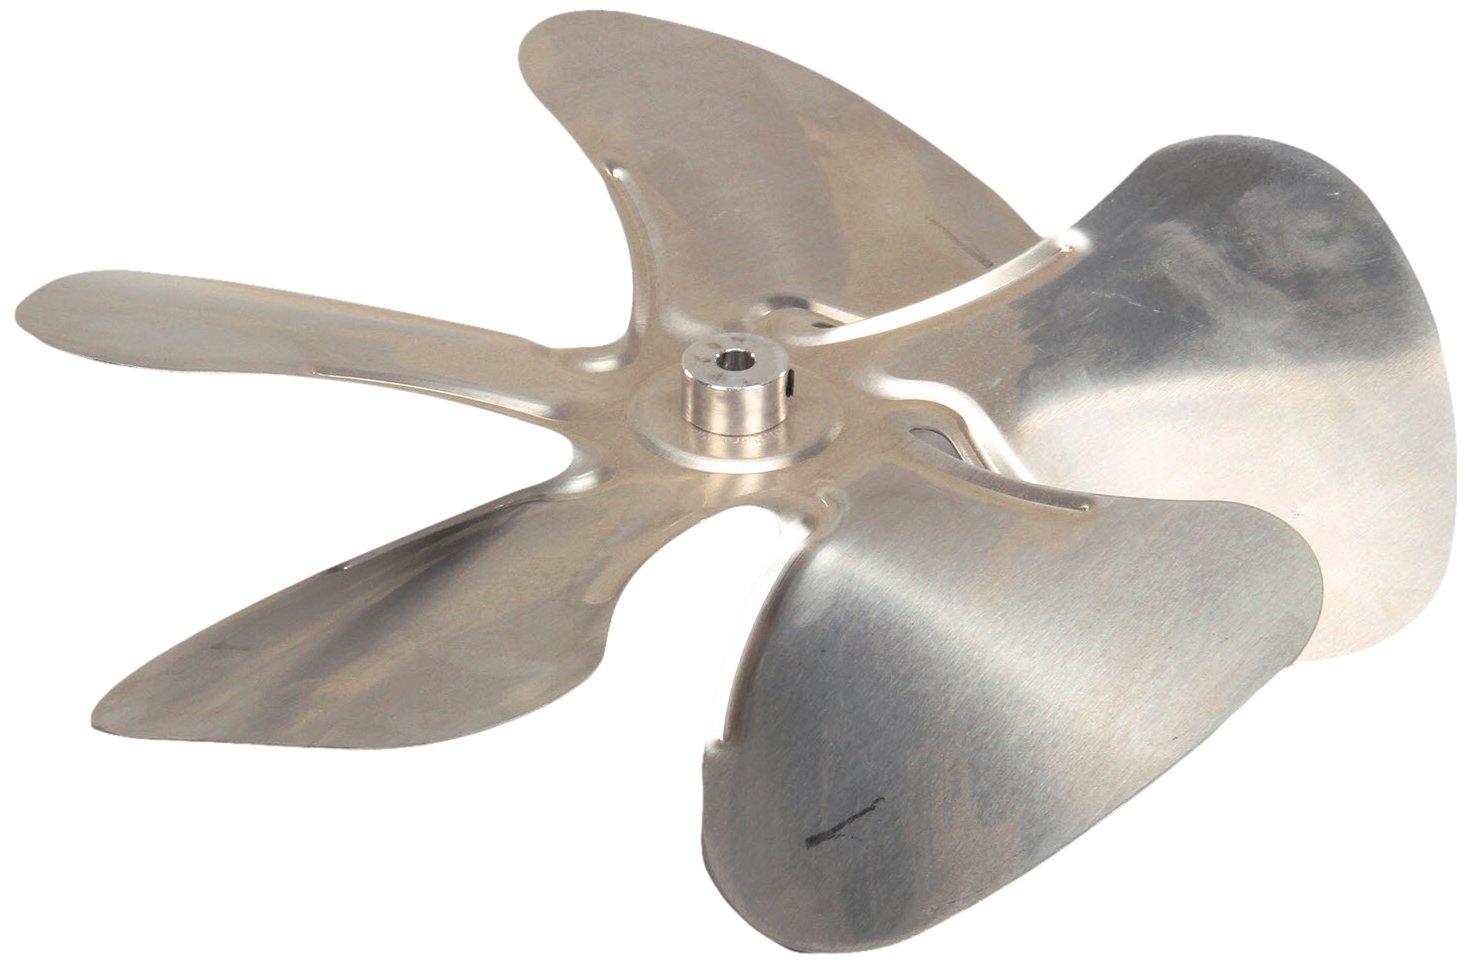 Hoshizaki 4A0197-01 Fan Blade